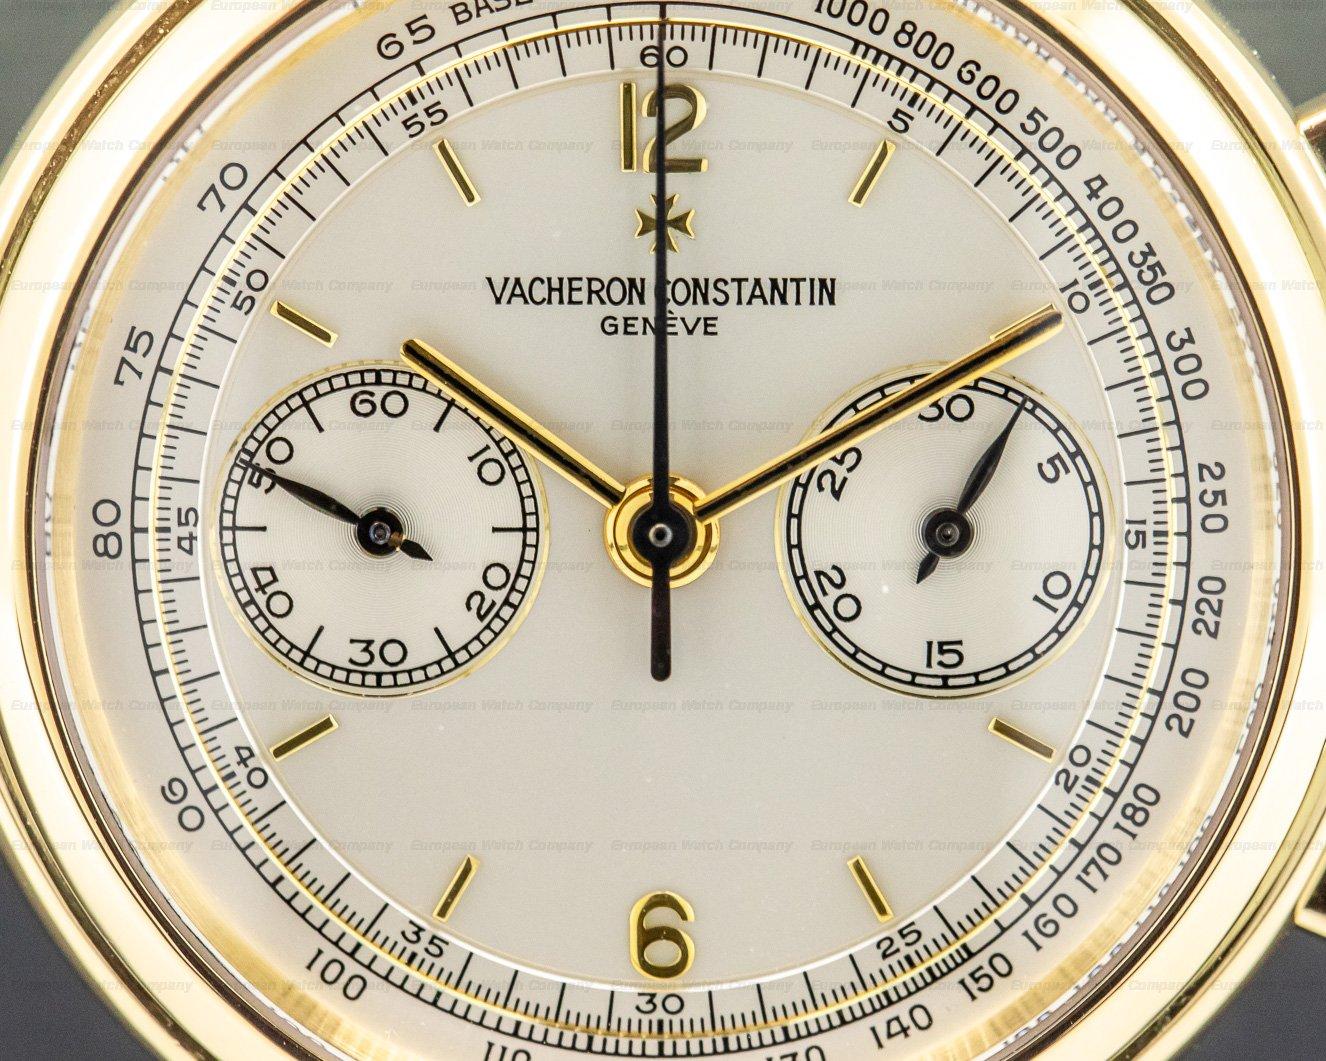 Vacheron Constantin 47101/1-47111 Les Historiques Chronograph 18K Yellow Gold